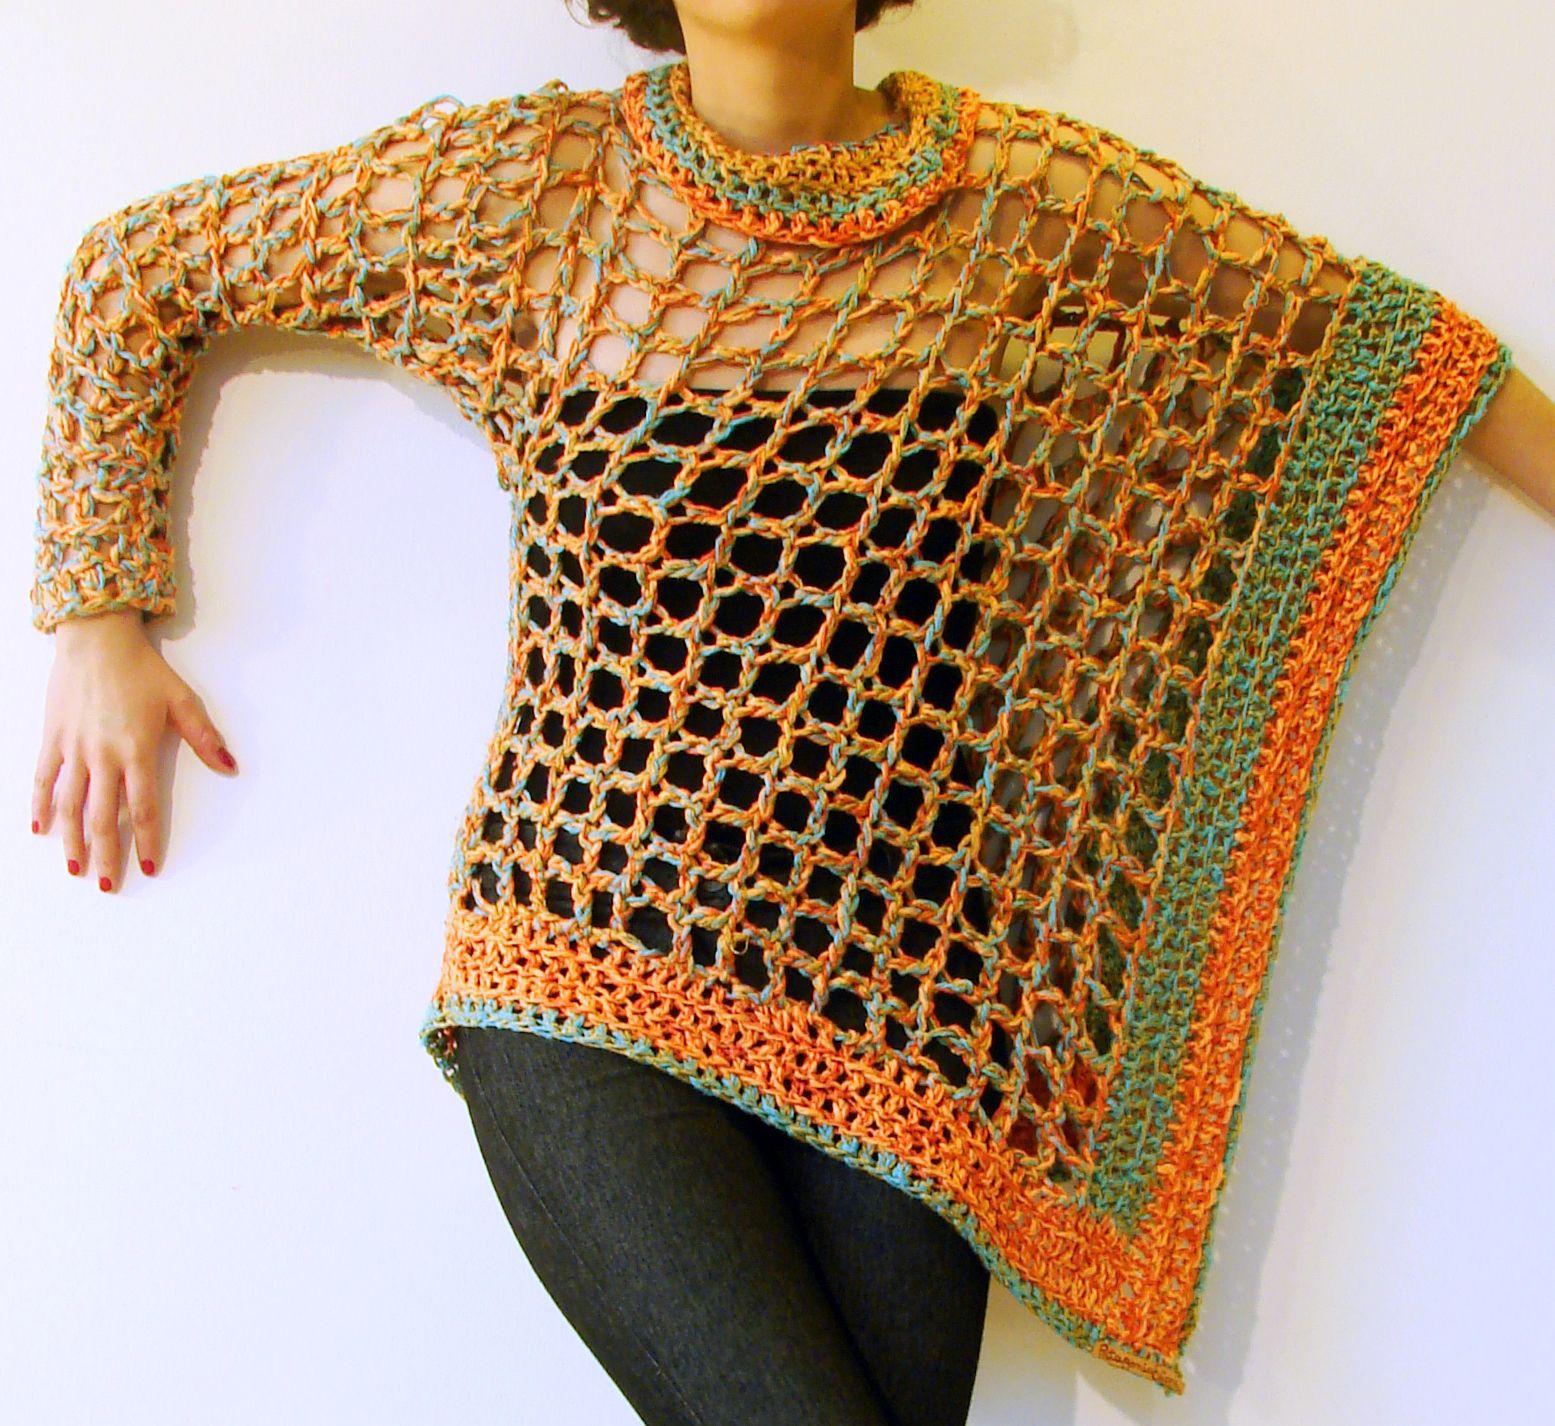 Poncho Una Manga Tejido A Crochet En Algodón Y Seda Túnica De Ganchillo Ponchos Tejidos Ropa